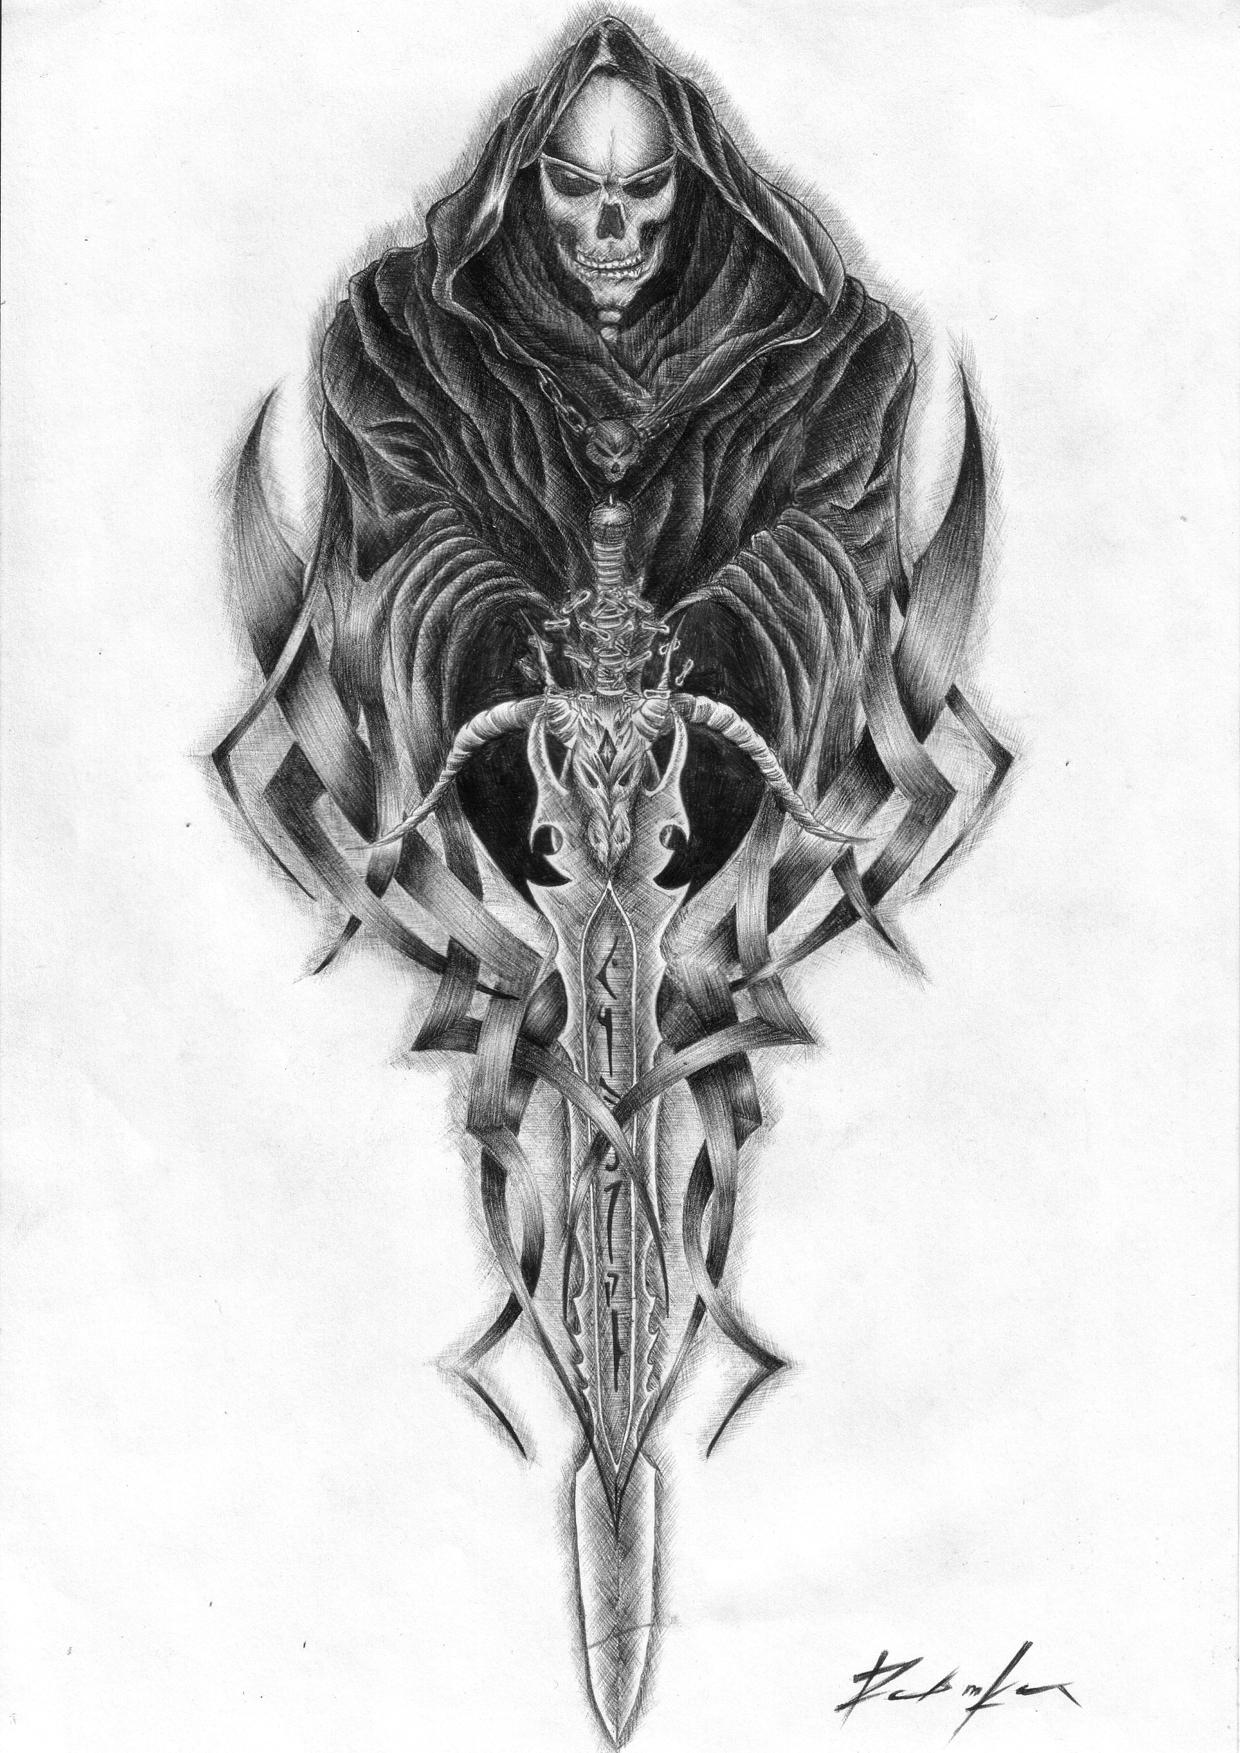 Drawn grim reaper sword Picture Reaper Art Design Picture